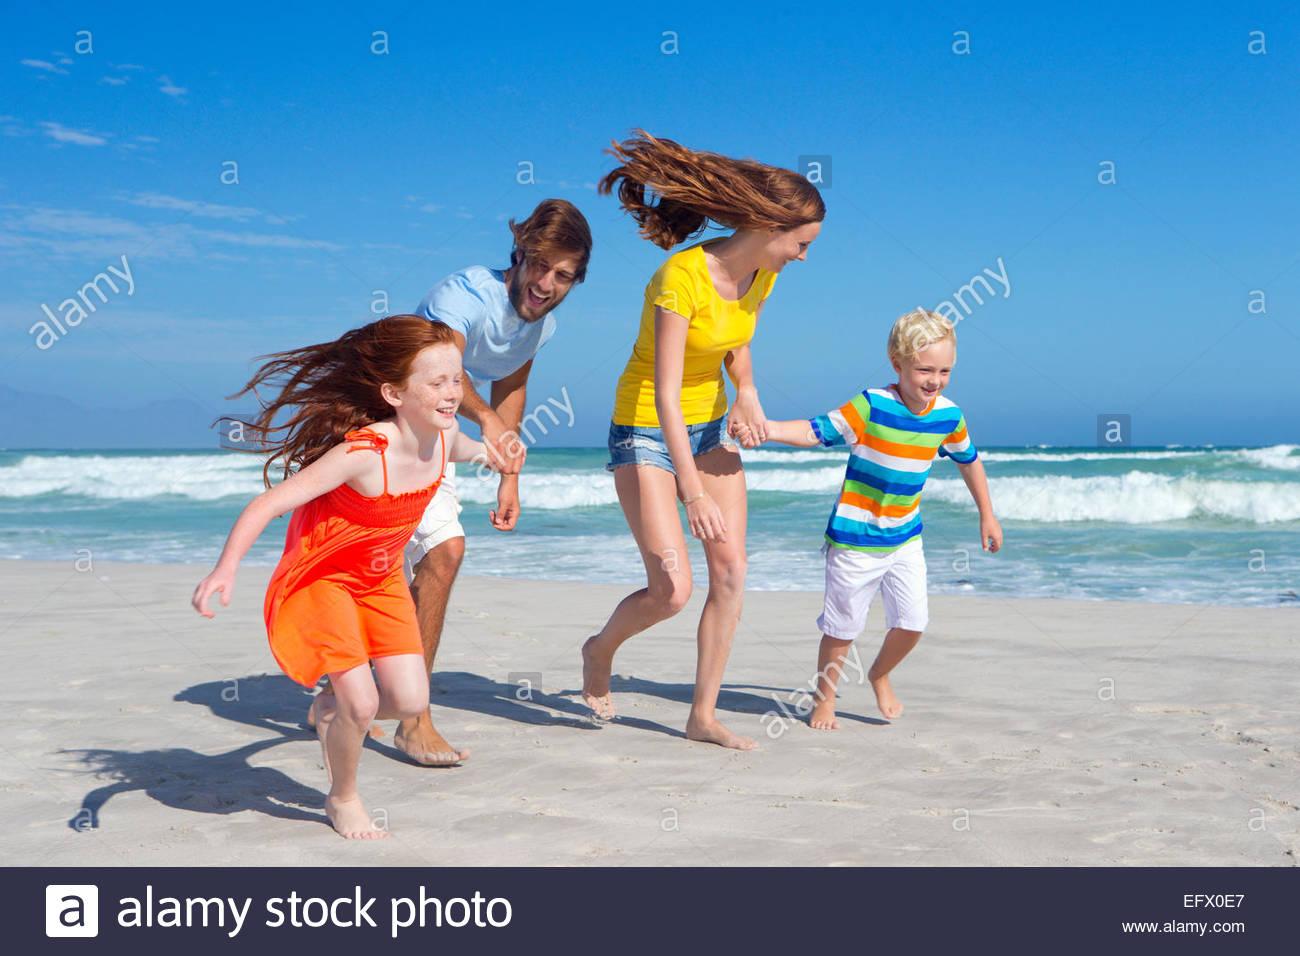 Familia Feliz, tomados de las manos, correr a lo largo de sunny beach Imagen De Stock